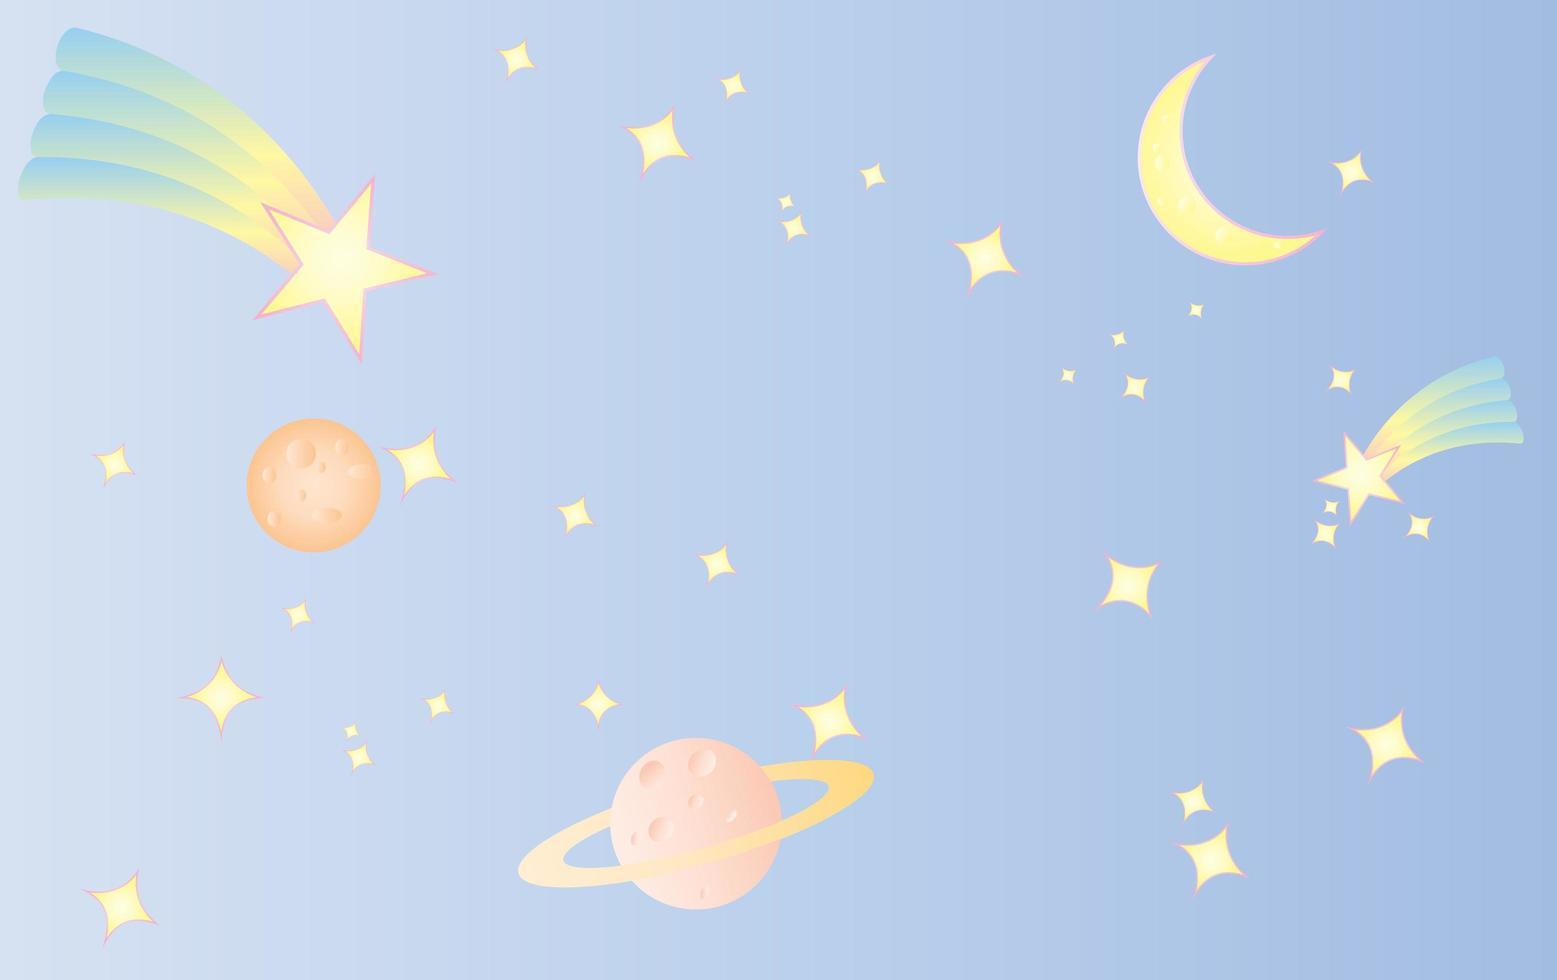 espace et cosmos doux joli fond rose pastel vecteur